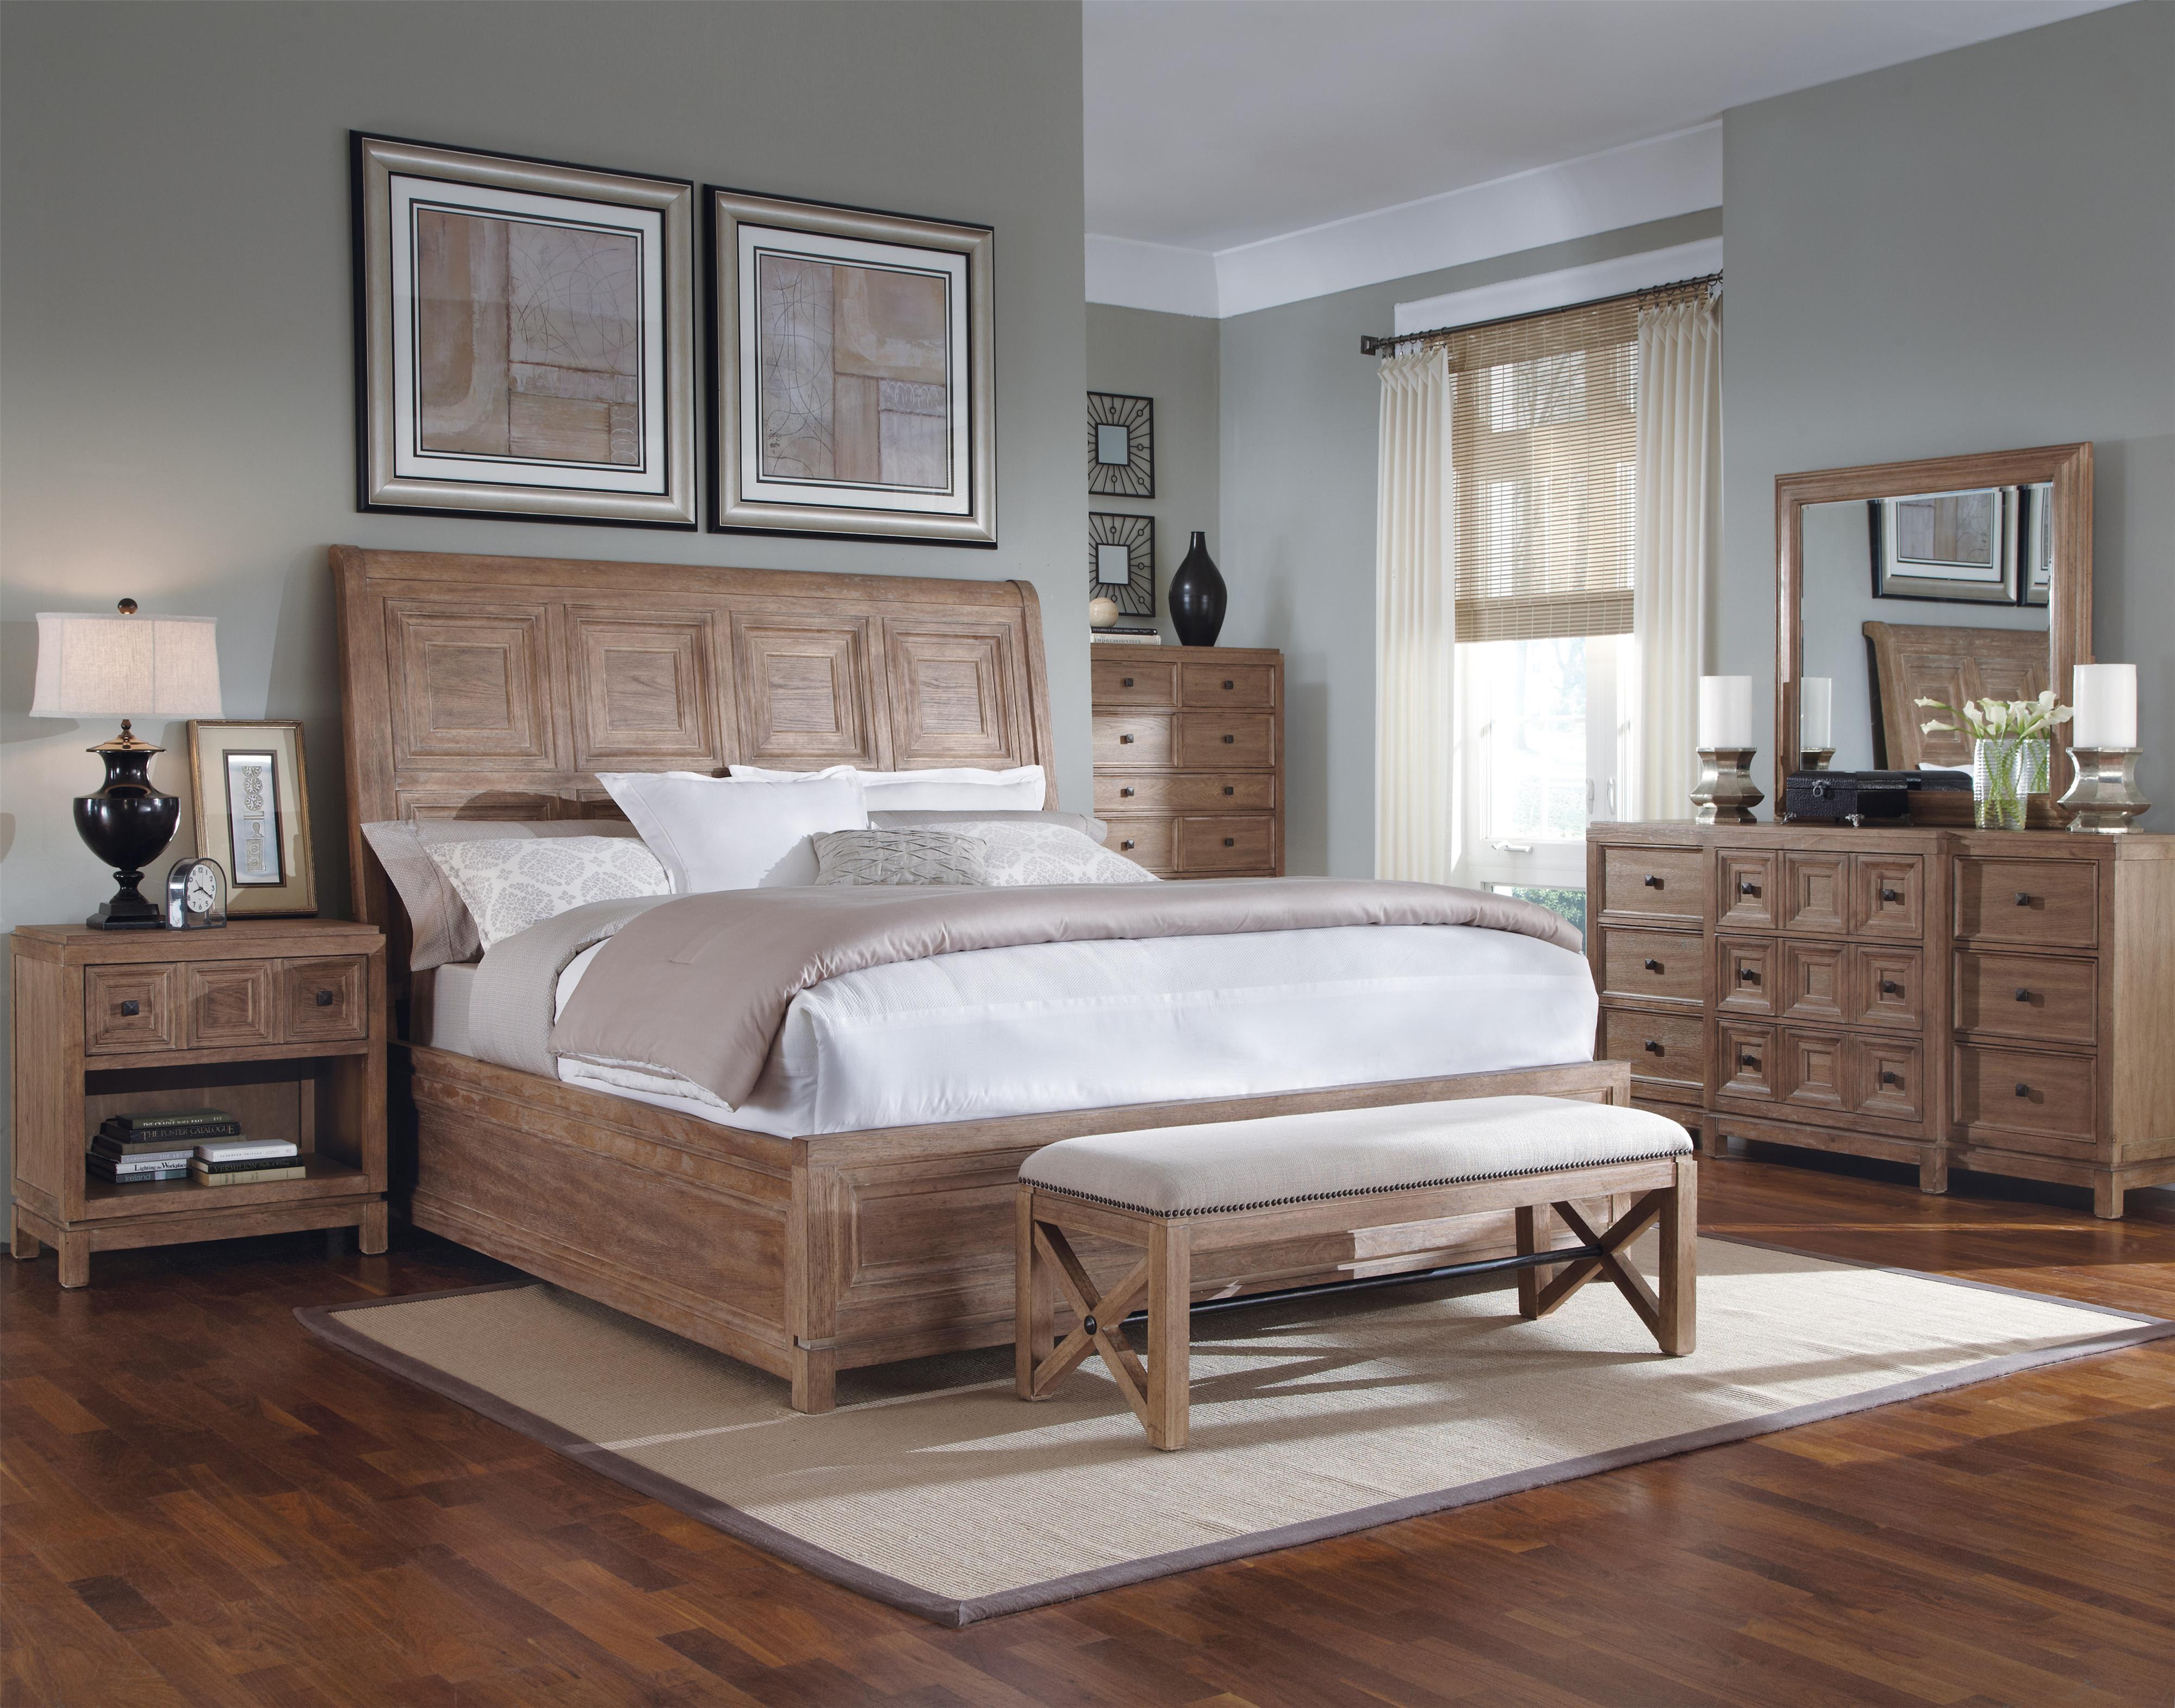 Ventura 192000 By A R T Furniture Inc Baer 39 S Furniture A R T Furniture Inc Ventura Dealer